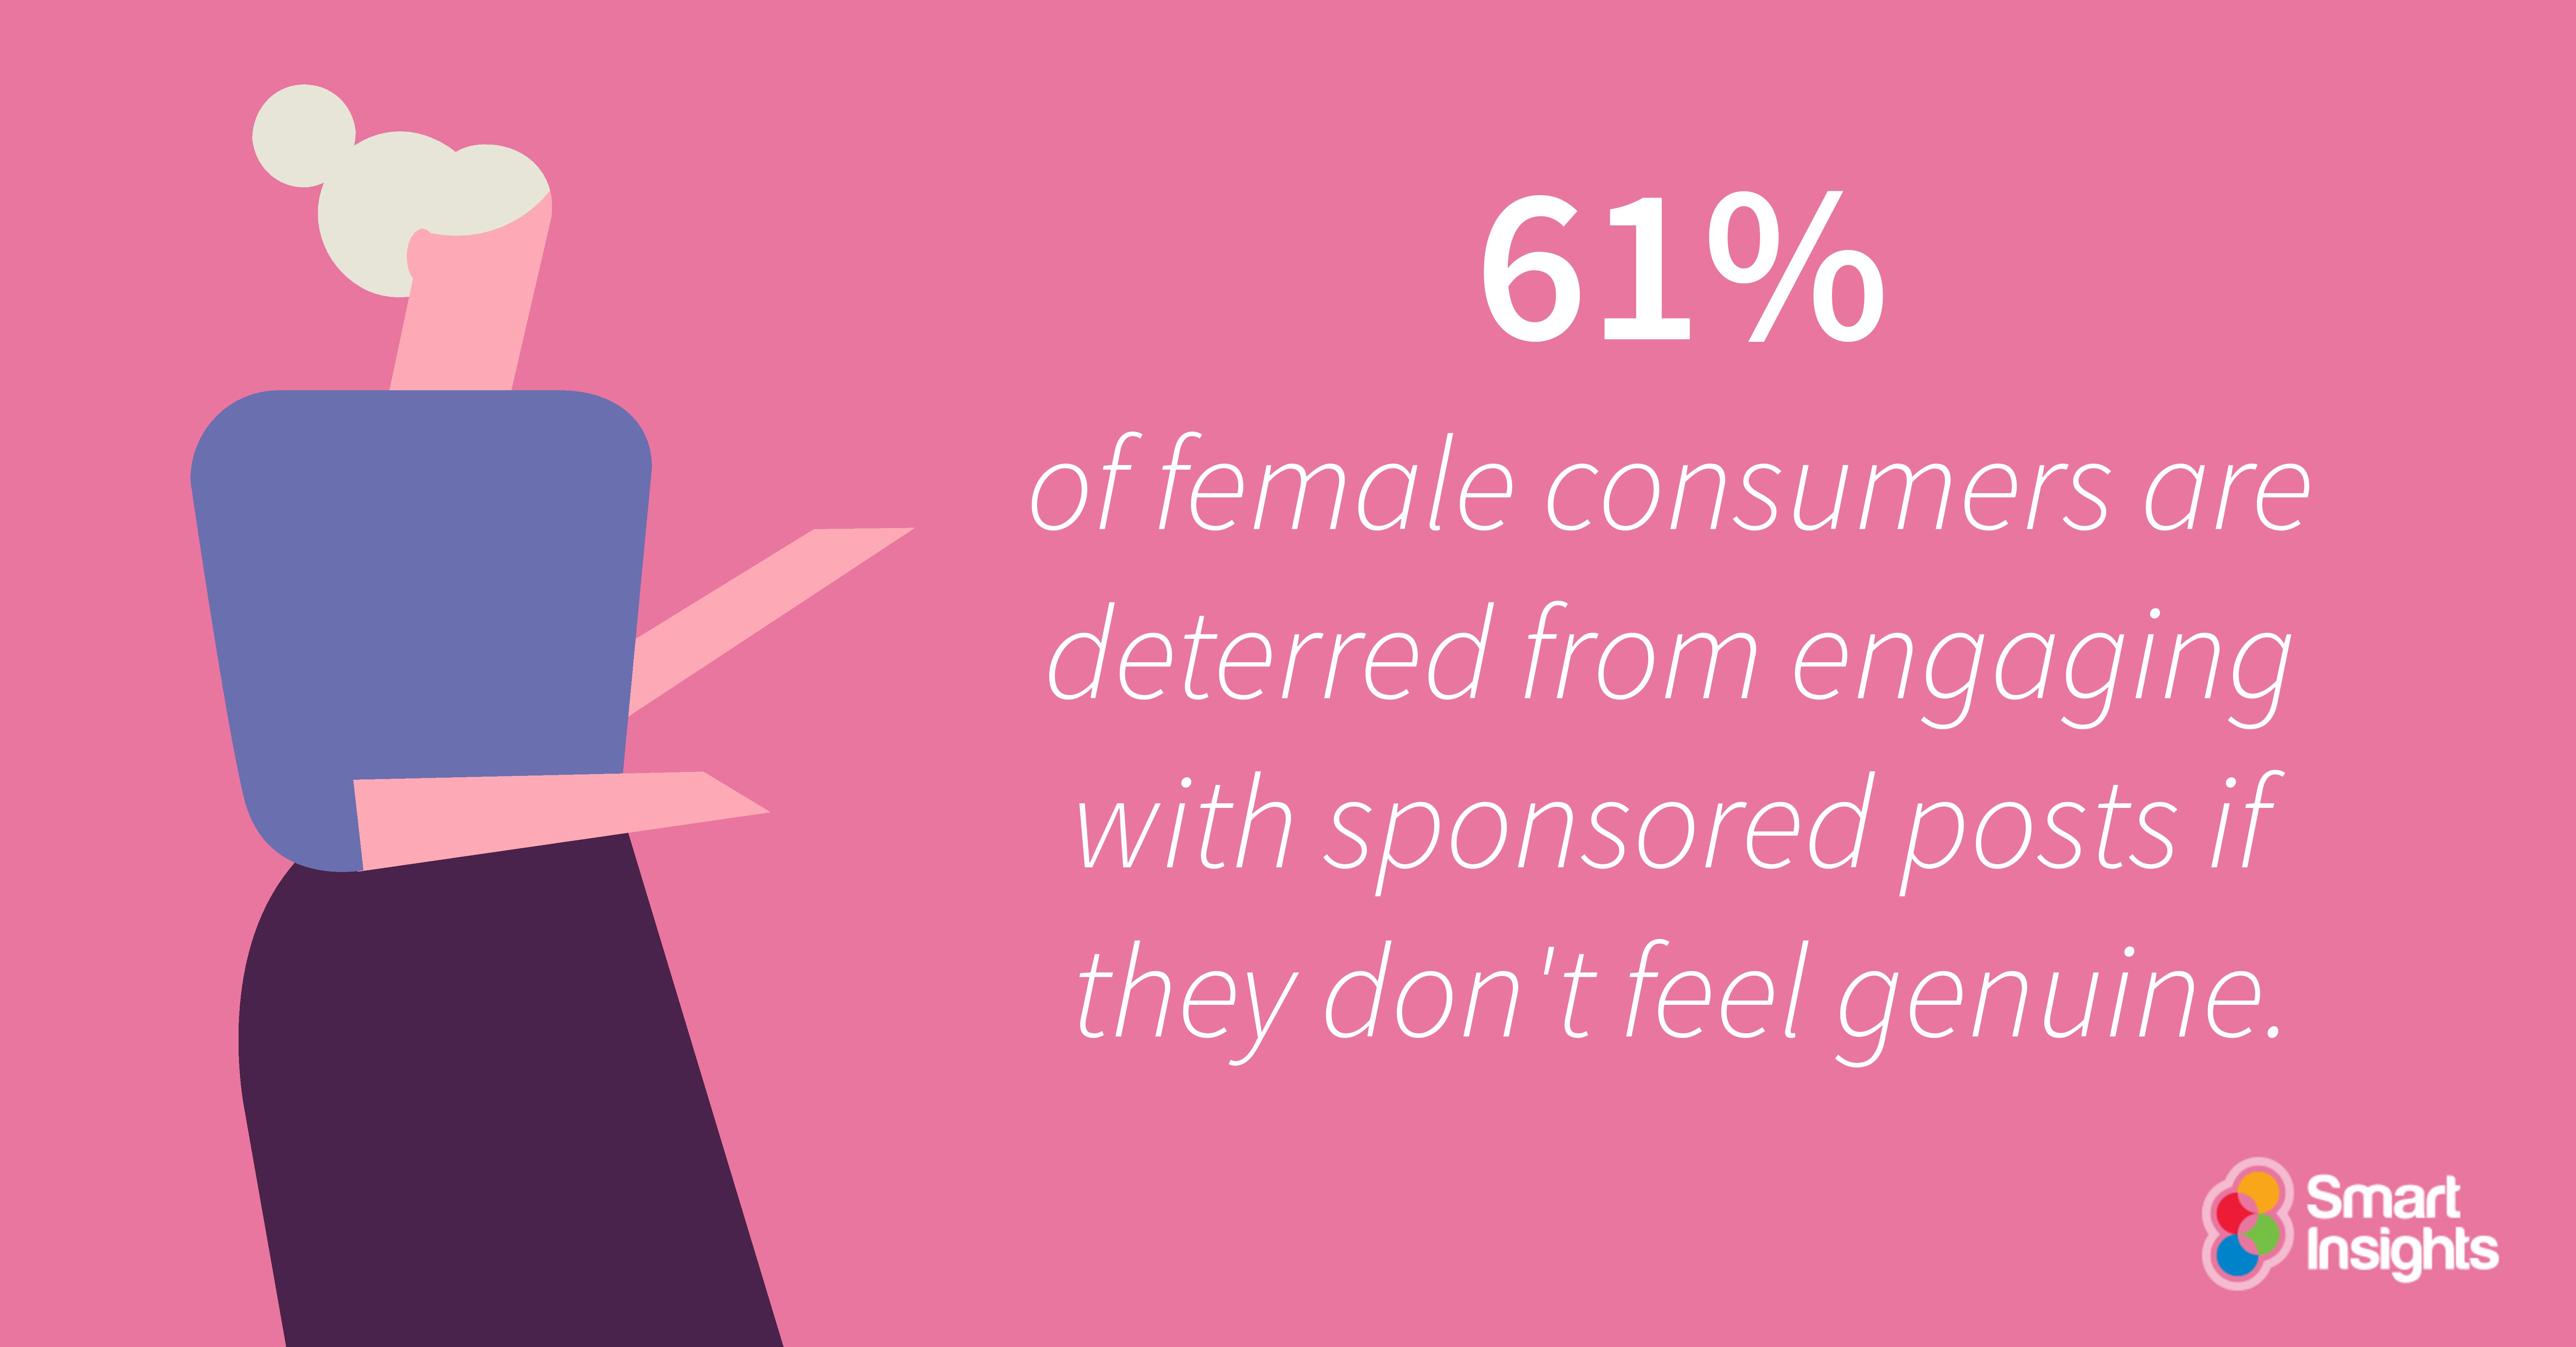 Il 61% delle donne è dissuaso dall'impegnarsi con post sponsorizzati se non si sentono genuini.